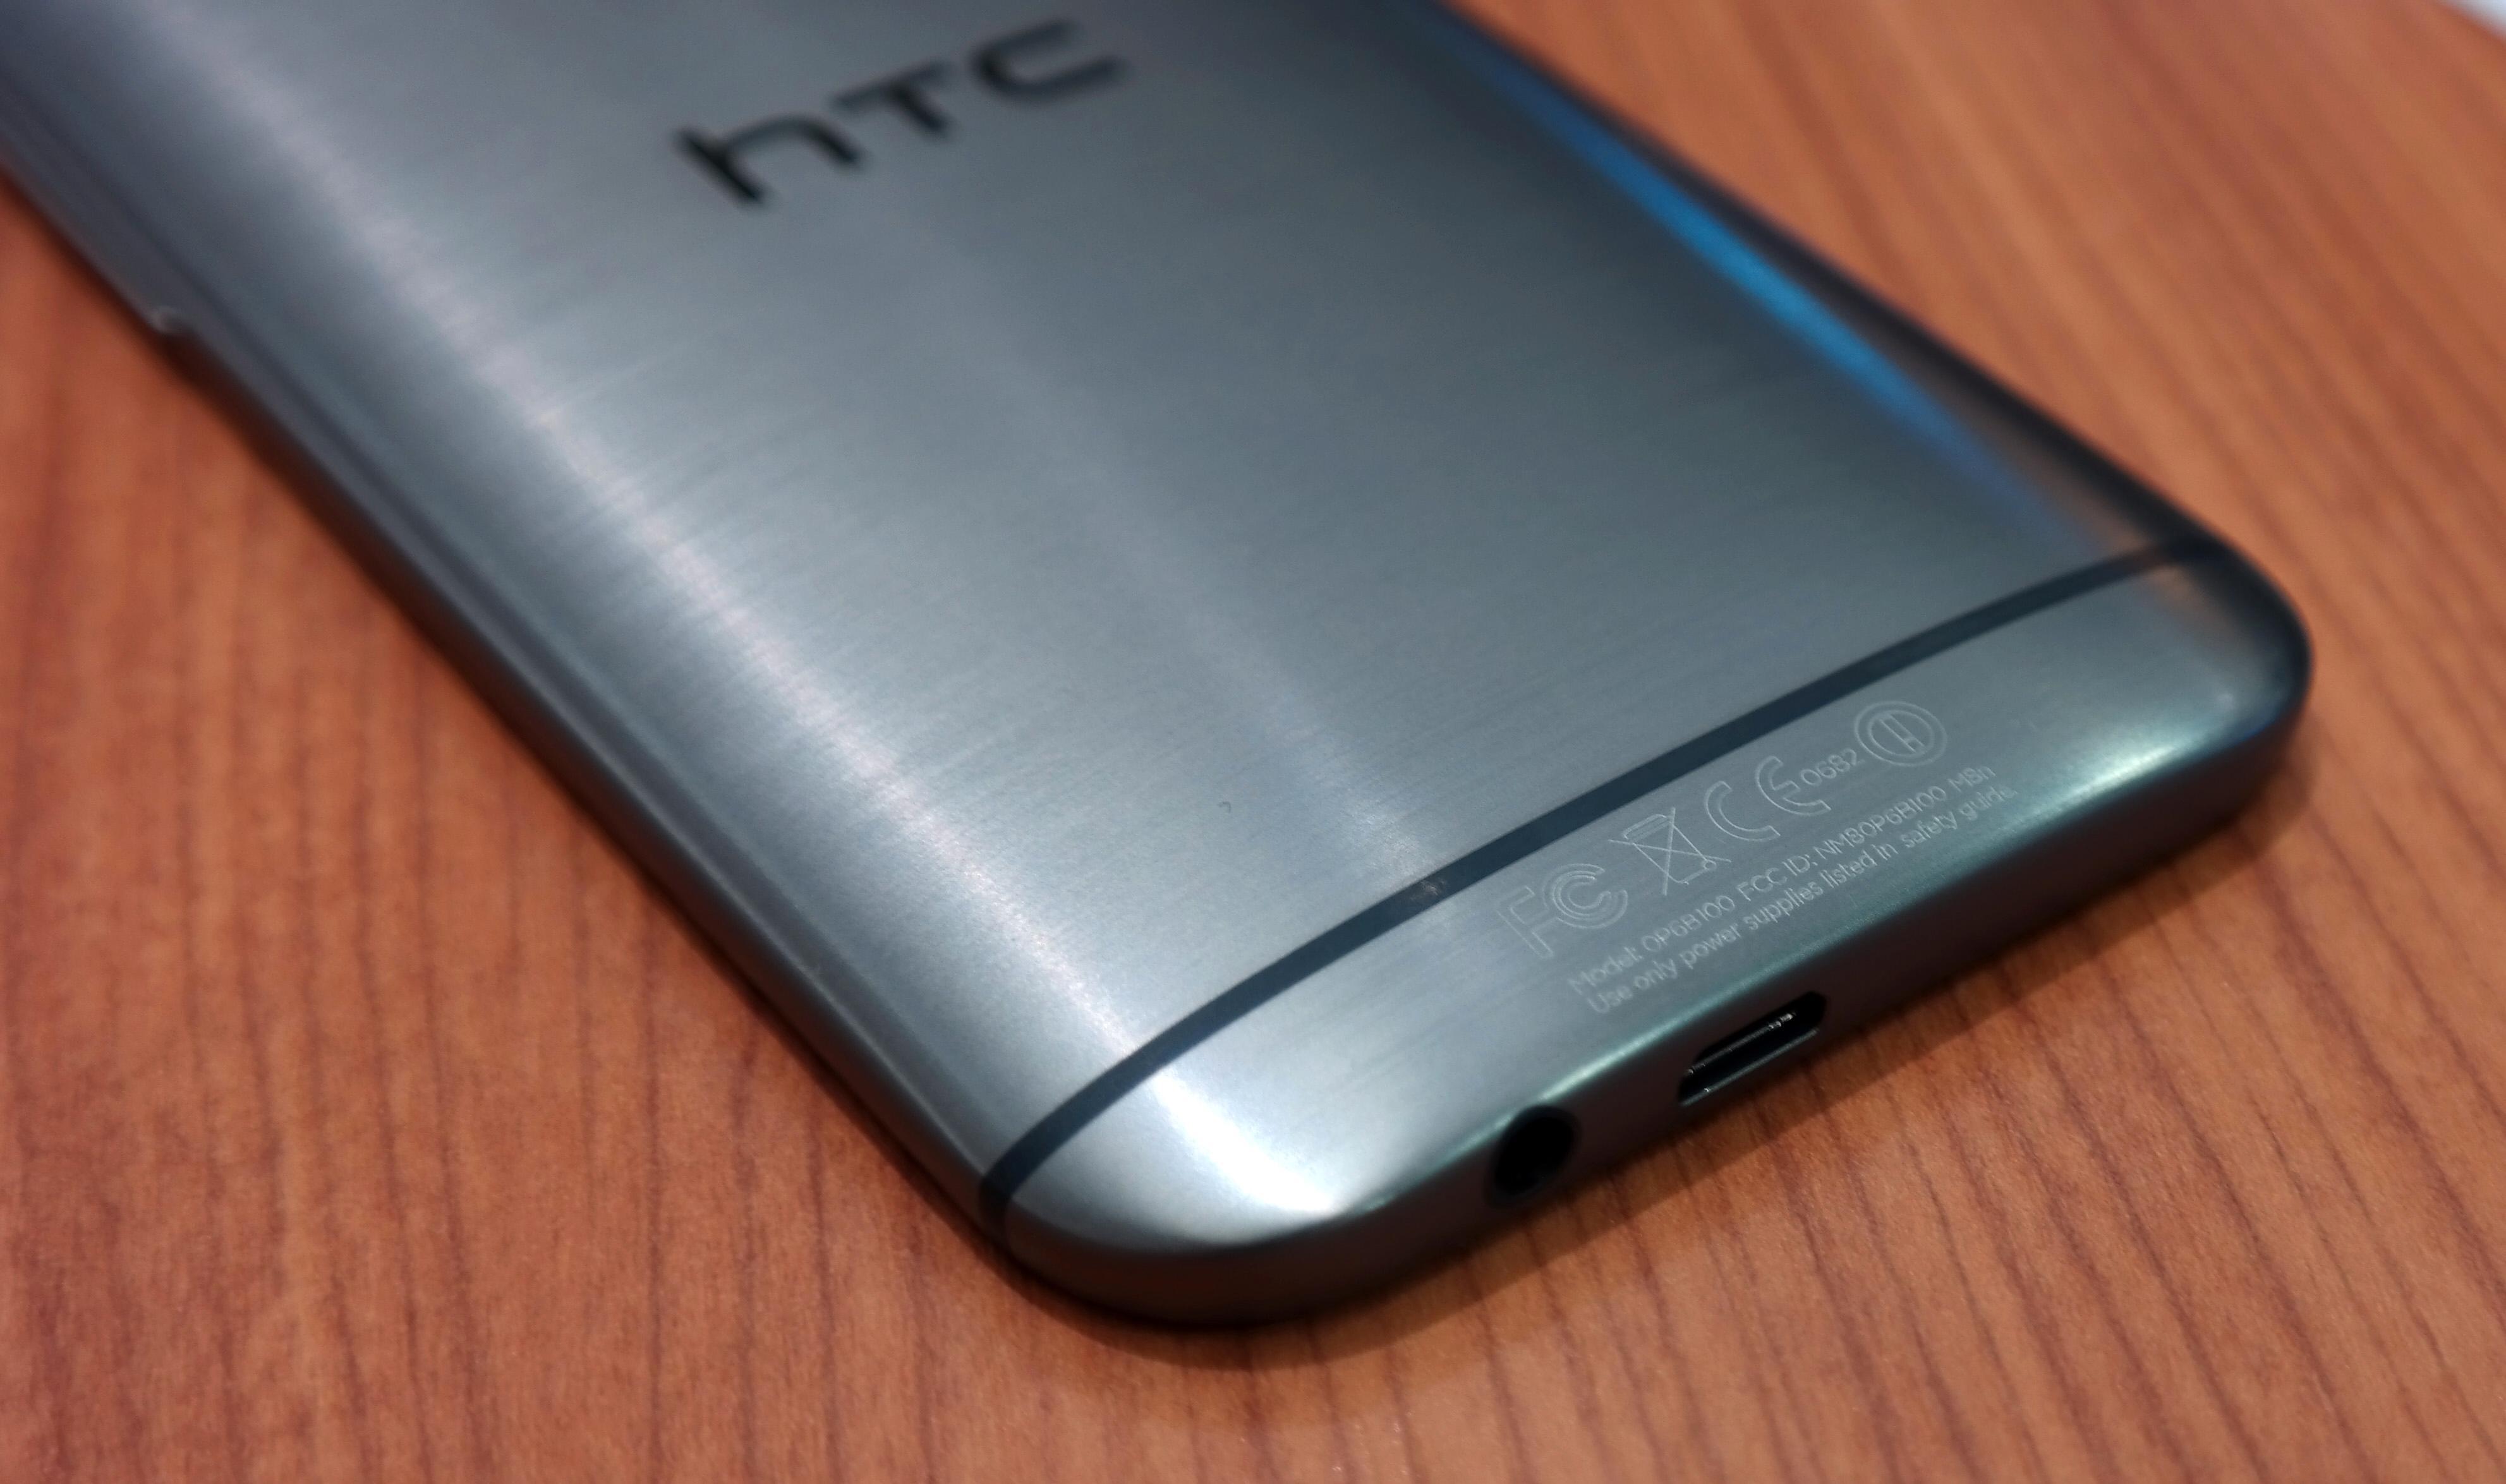 HTC One M8 - bunn. Detaljene er viktige for HTC. Høyttalerutgangen sitter i bunnen.Foto: Espen Swang, Amobil.no